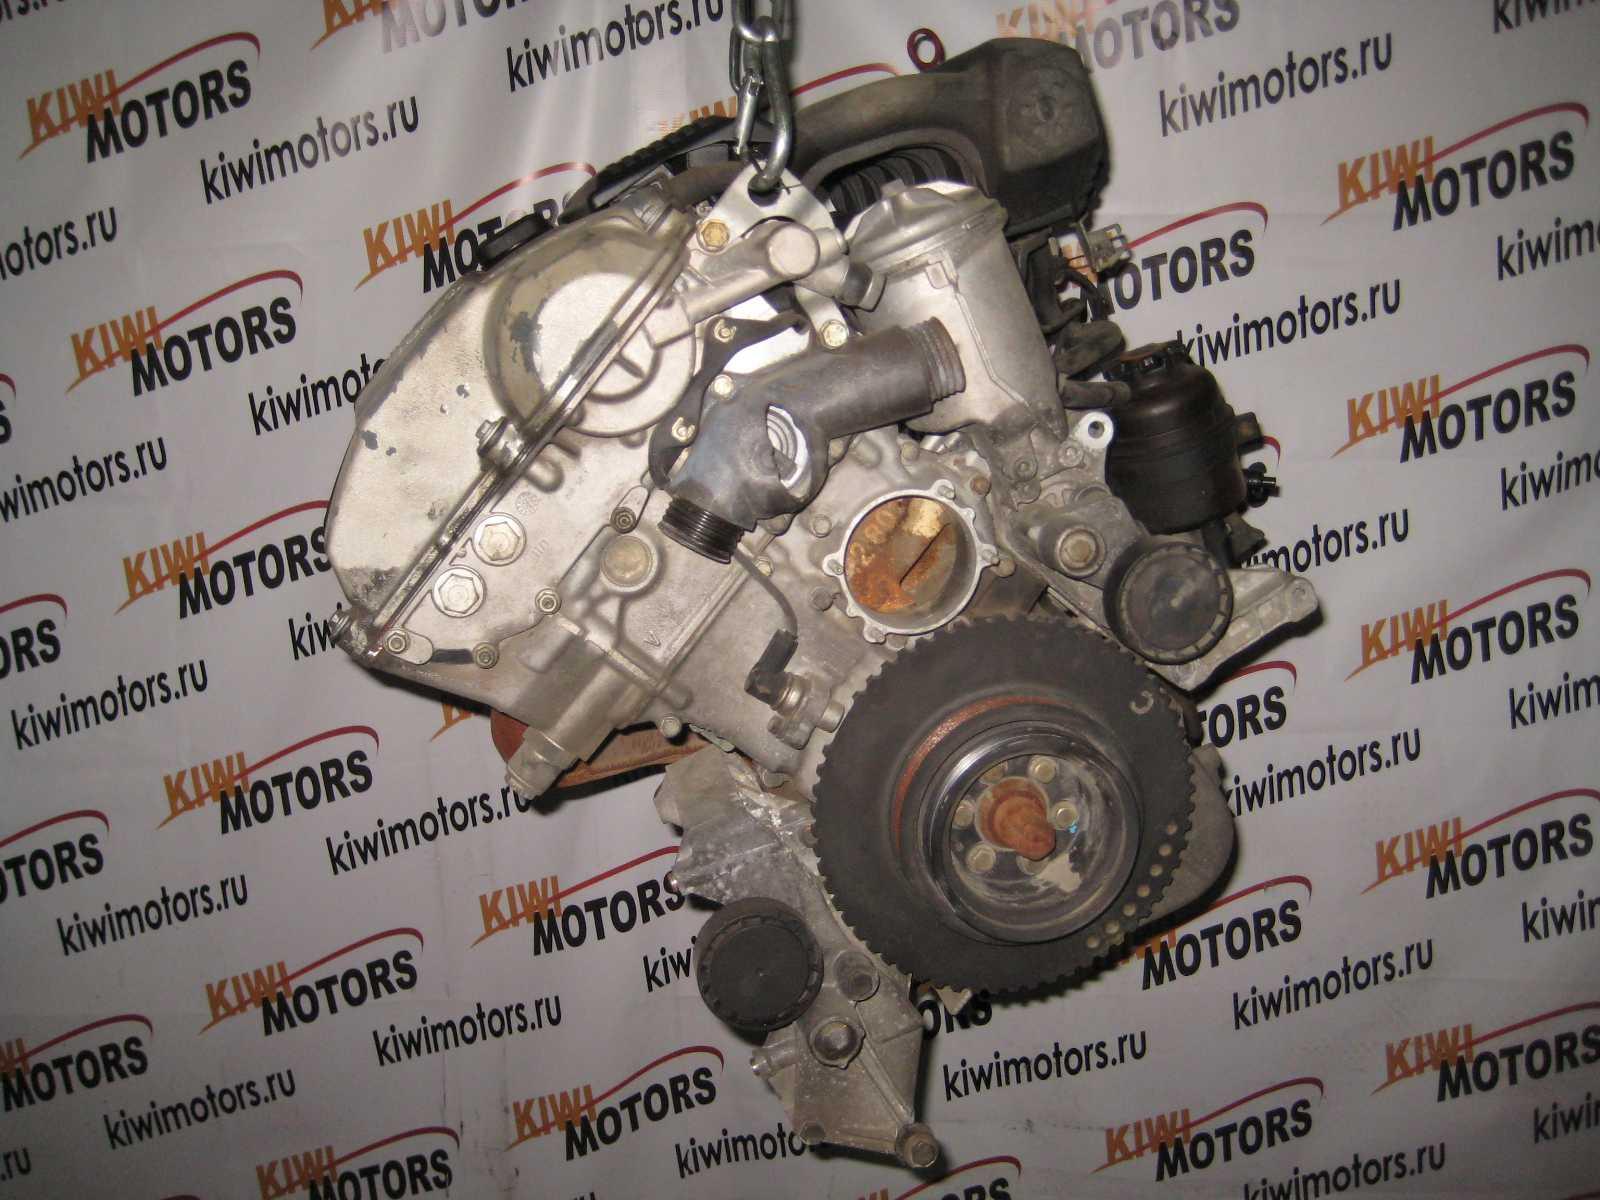 Купить блок управления двигателем (ЭБУ) б/у для BMW 5 (E34) 1988–1995, б/у Блок управления двигателем на БМВ 5 (Е34) — FINNAUTOPARTS